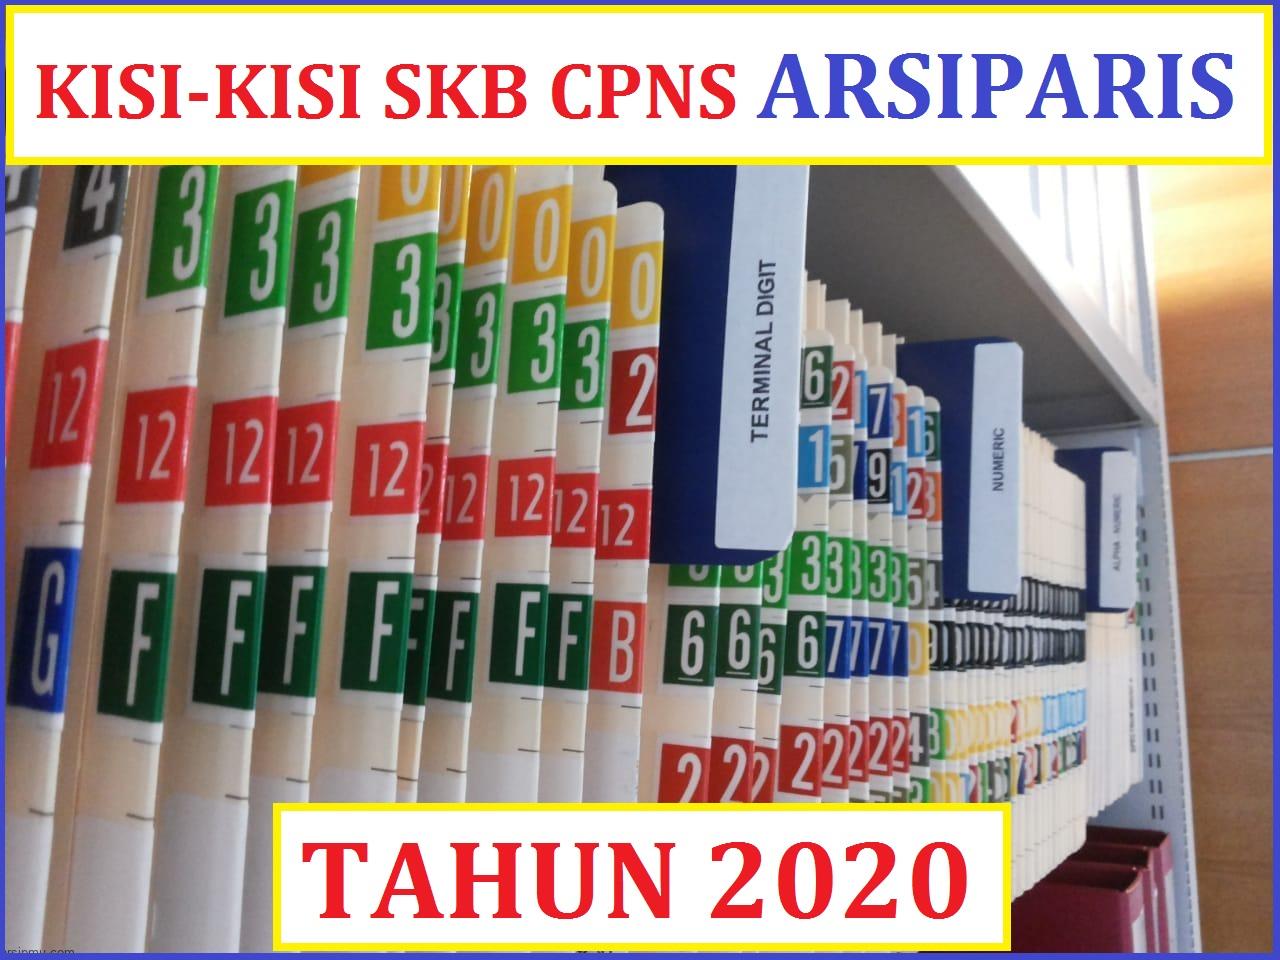 KISI-KISI dan CONTOH SOAL TKB CPNS Arsiparis 2020. Lihat ...